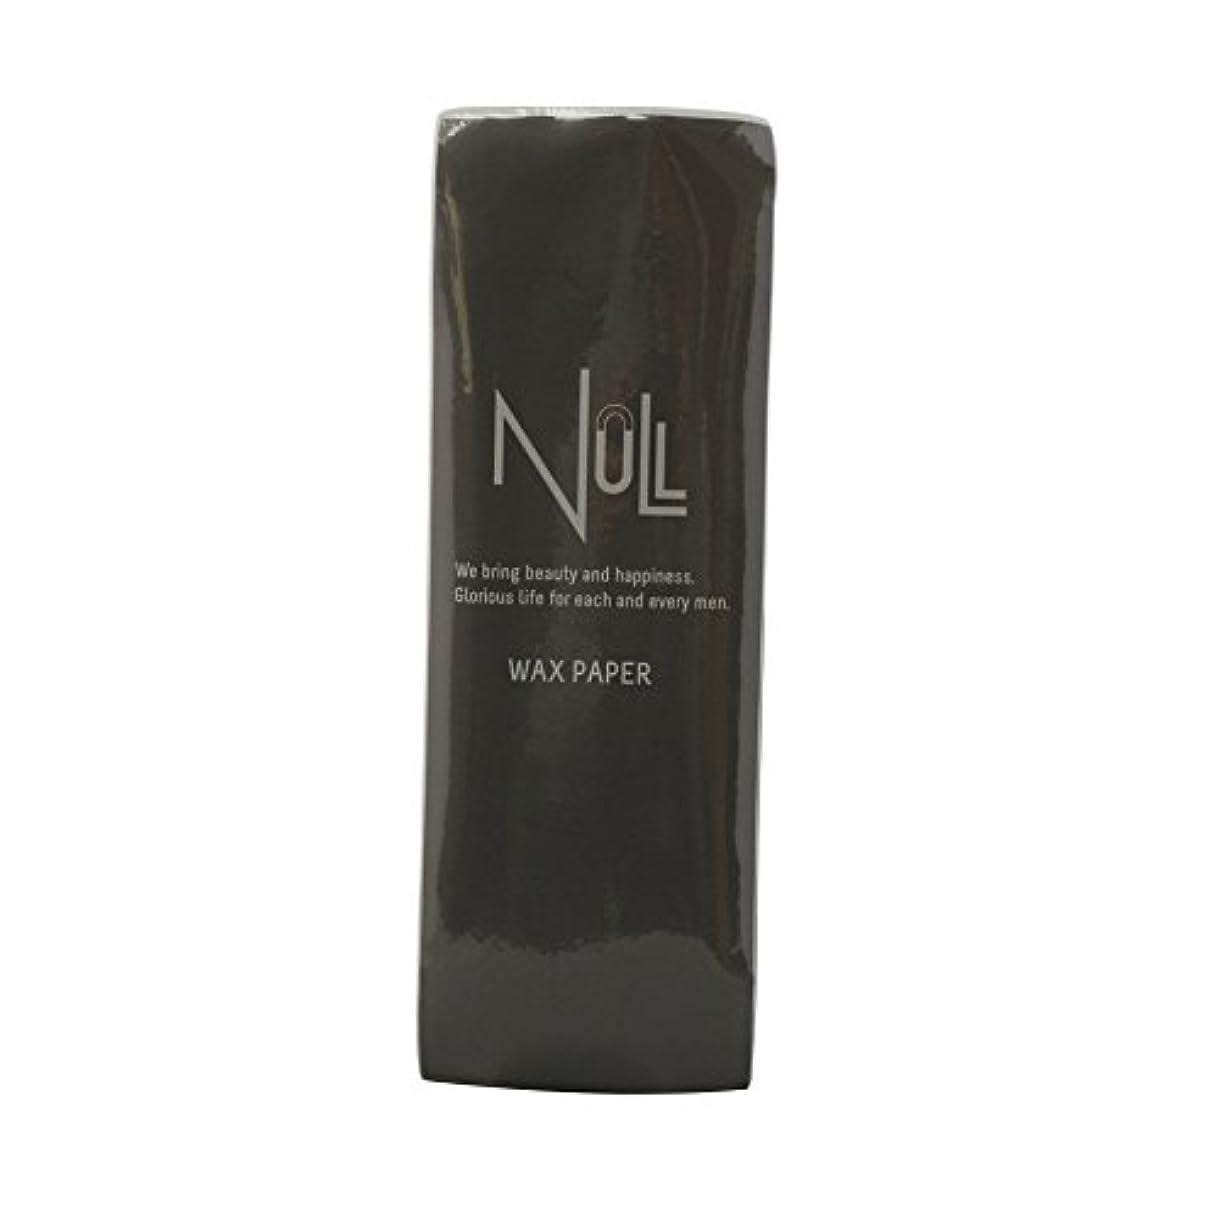 事件、出来事共感する消えるNULL ブラジリアンワックス用ペーパー 100枚入り 70mm幅 ワックス脱毛 専用